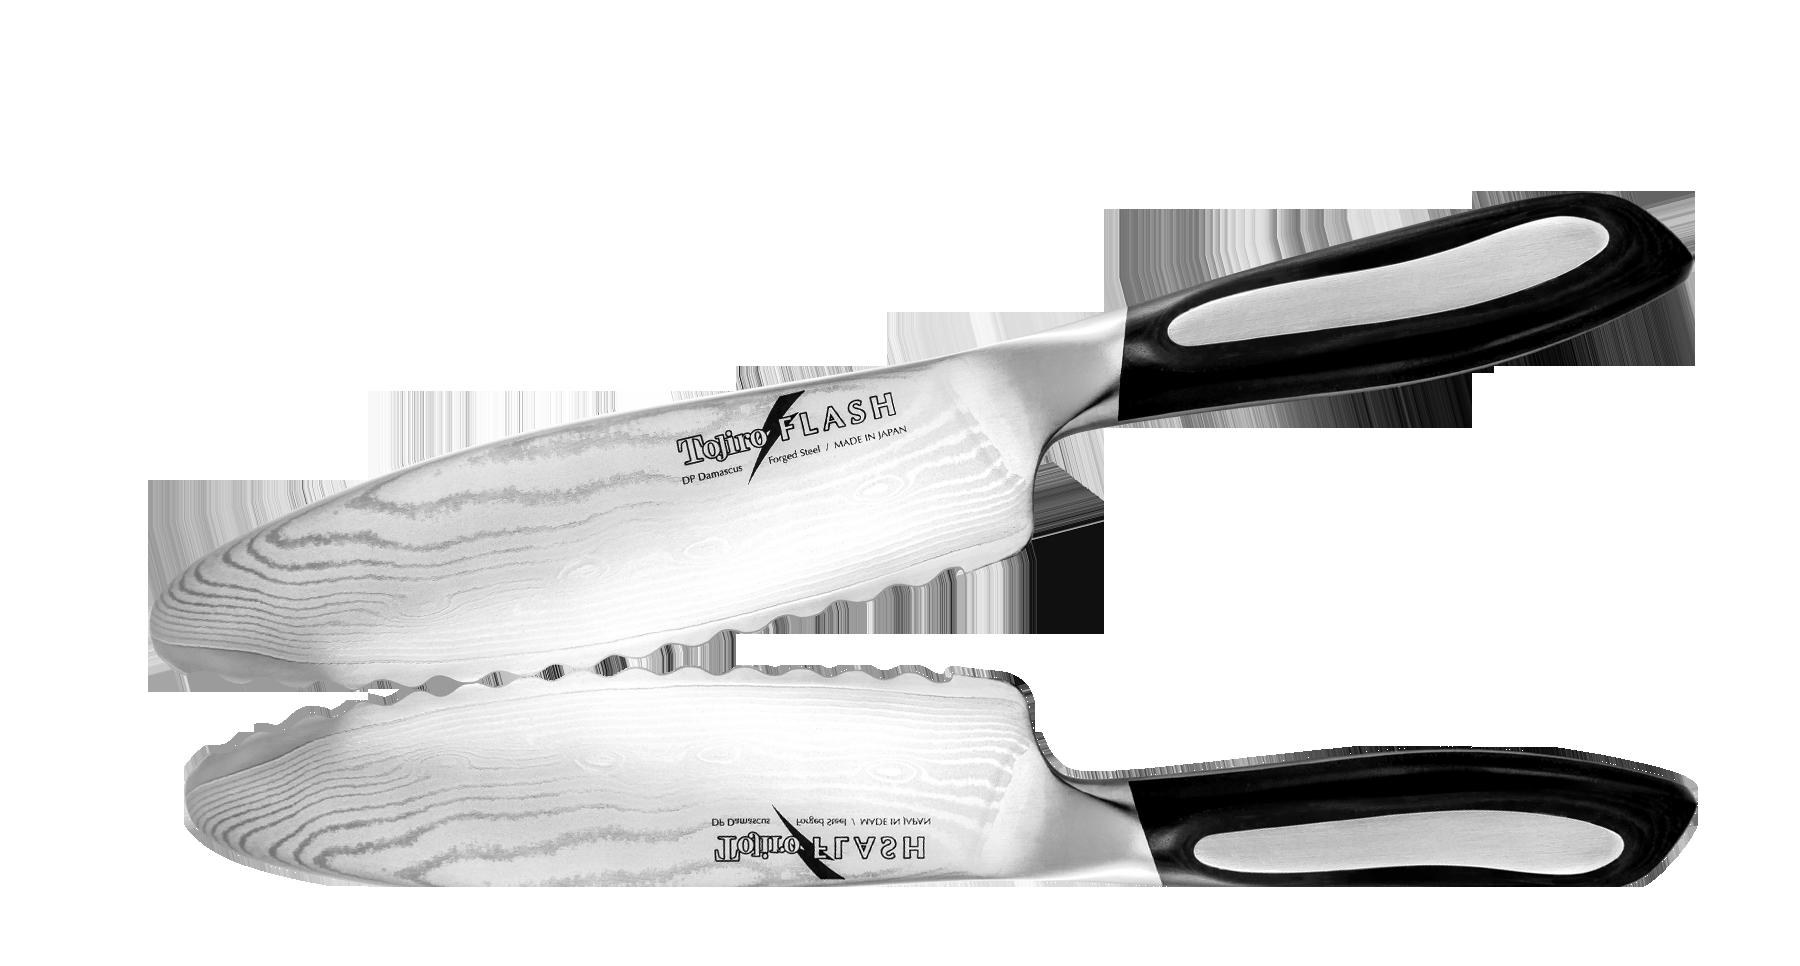 Нож-серрейтор Универсальный Tojiro Flash 150 мм, сталь VG-10Tojiro<br>Нож Универсальный Tojiro Flash 150 мм, сталь VG-10<br>